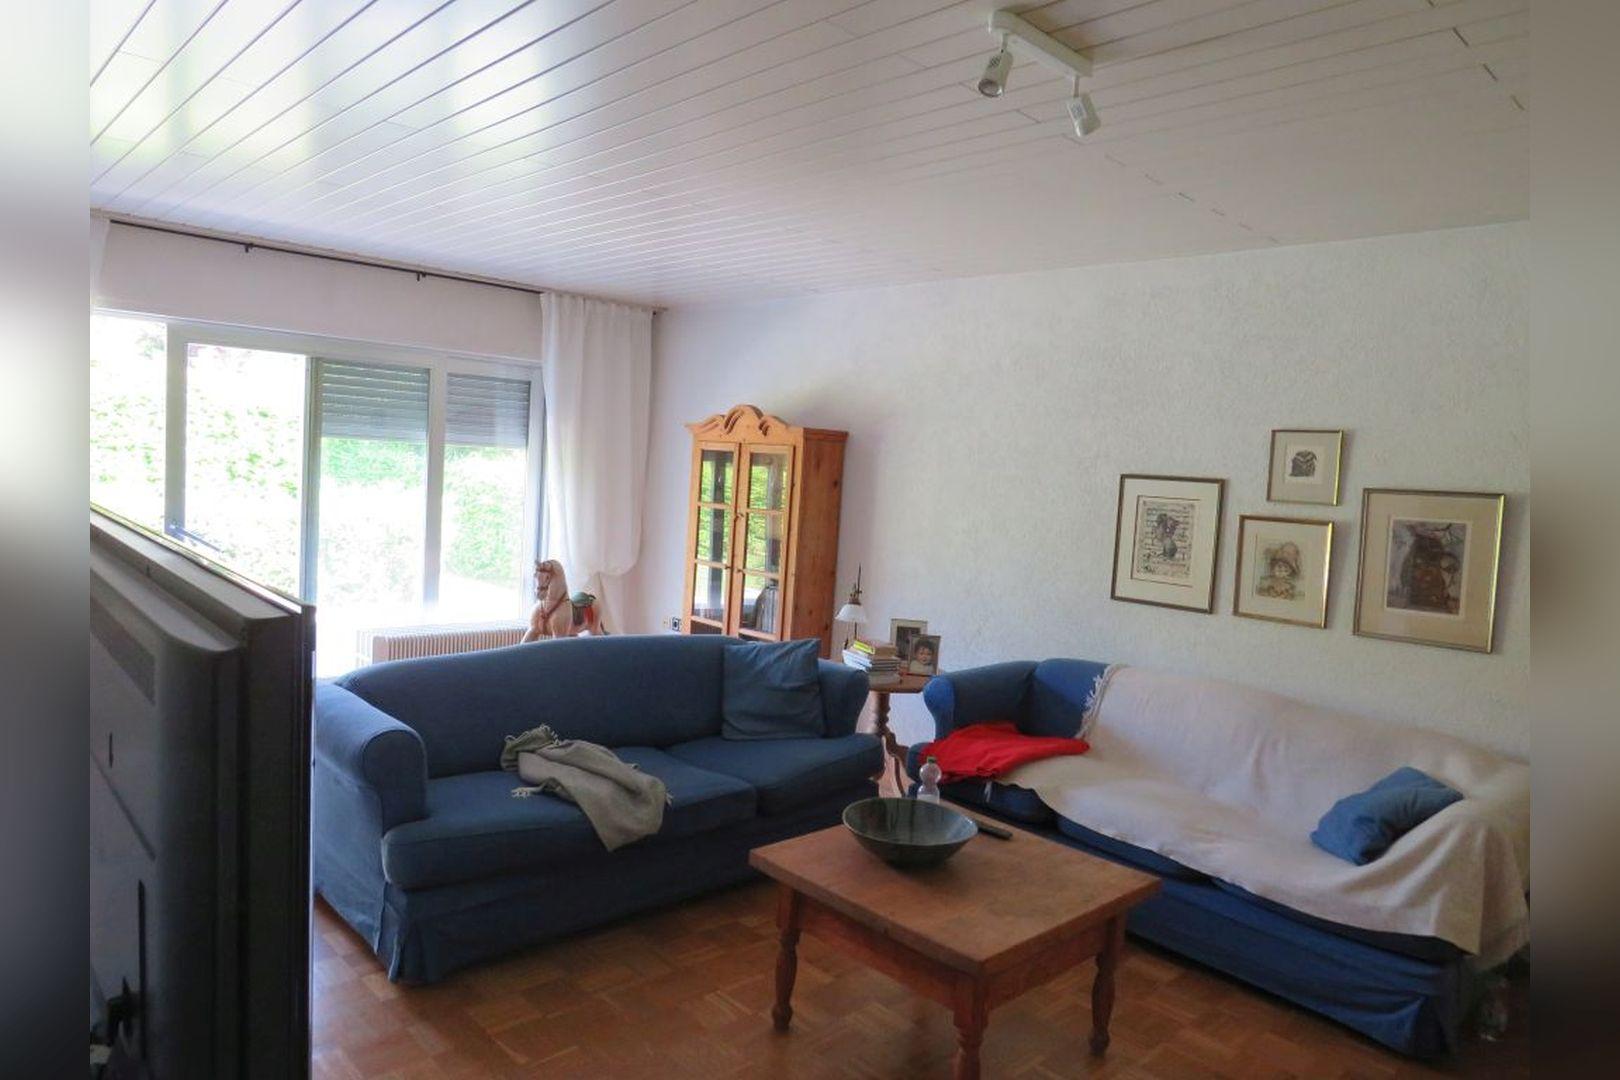 Immobilie Nr.0260 - Einfamilienhaus, zum 2-FH erweiterbar. Spitzboden als zusätzl. Ausbaureserve - Bild 7.jpg